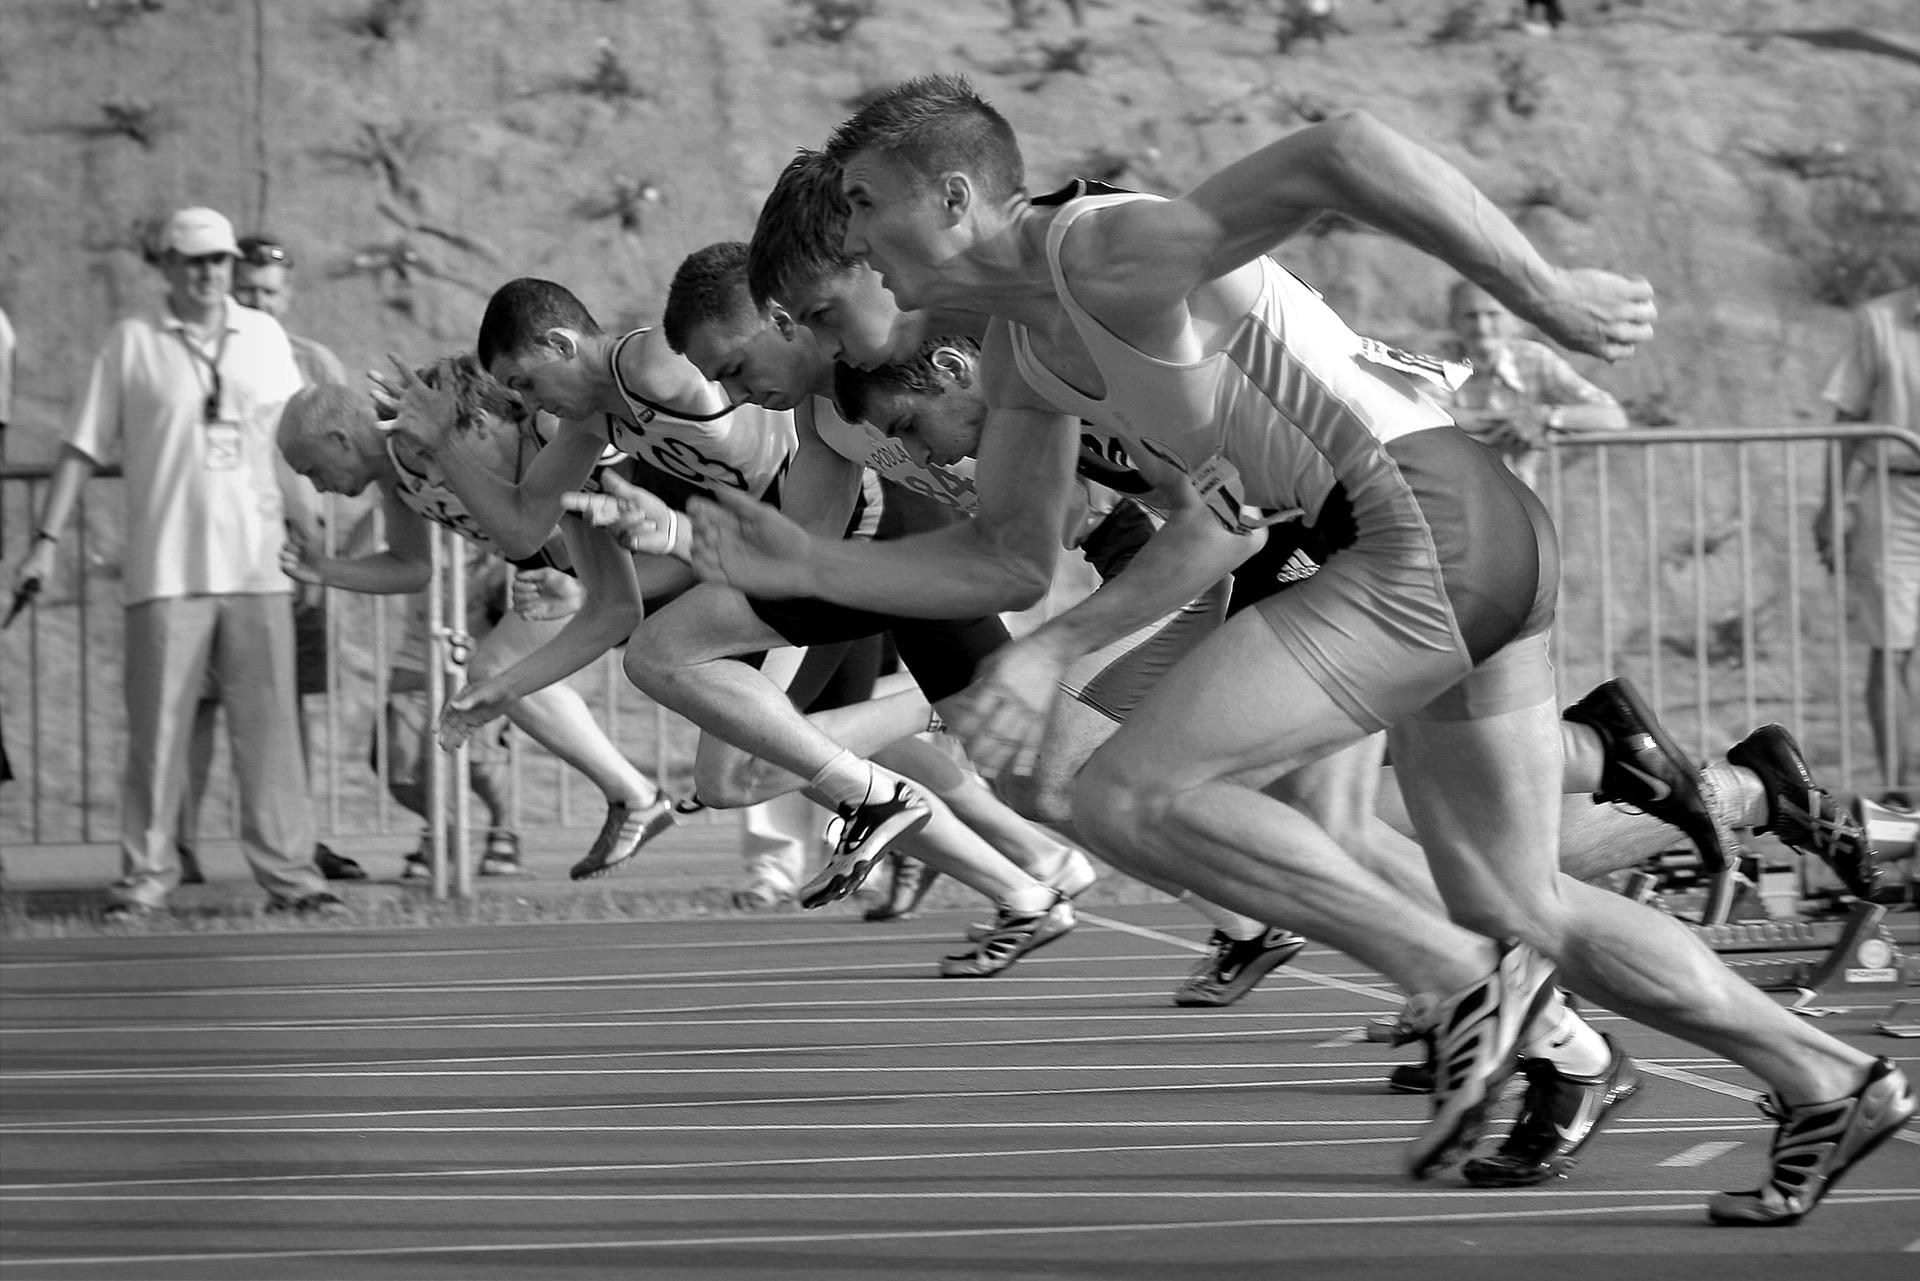 Профессиональный спорт — раковое образование